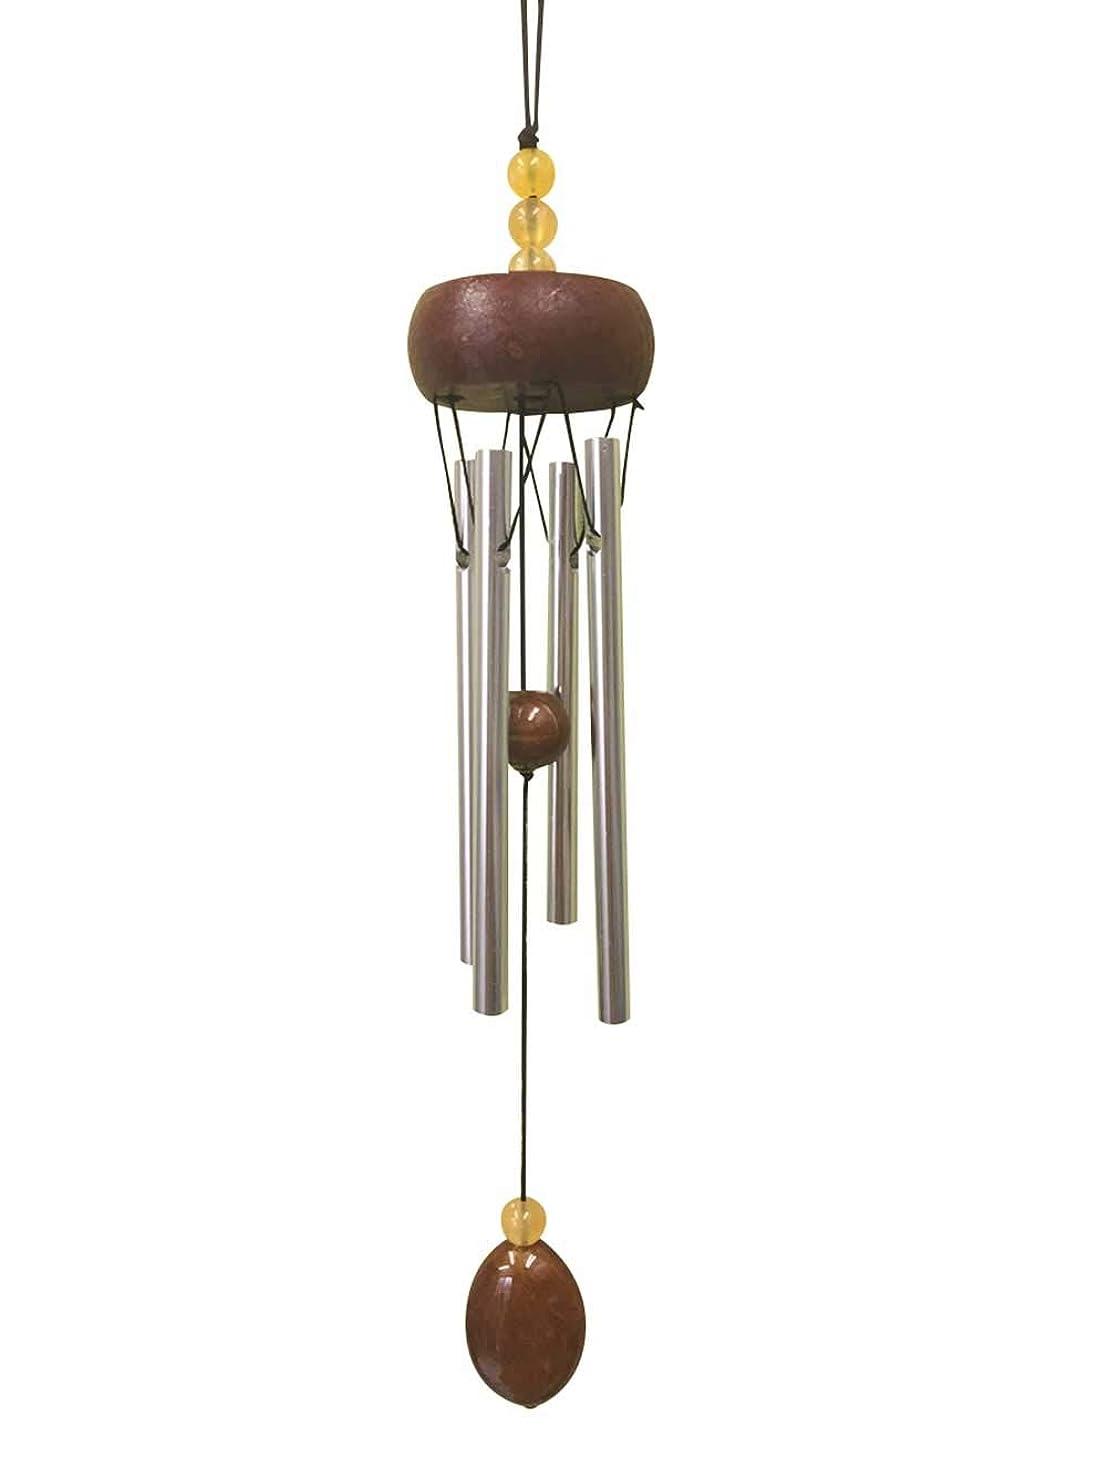 針性能ジャンクfuusui8 メディテイションチャイム ドアベル 風鈴 風水 パワーストーン ドアチャイム 金運アップ (黄色)